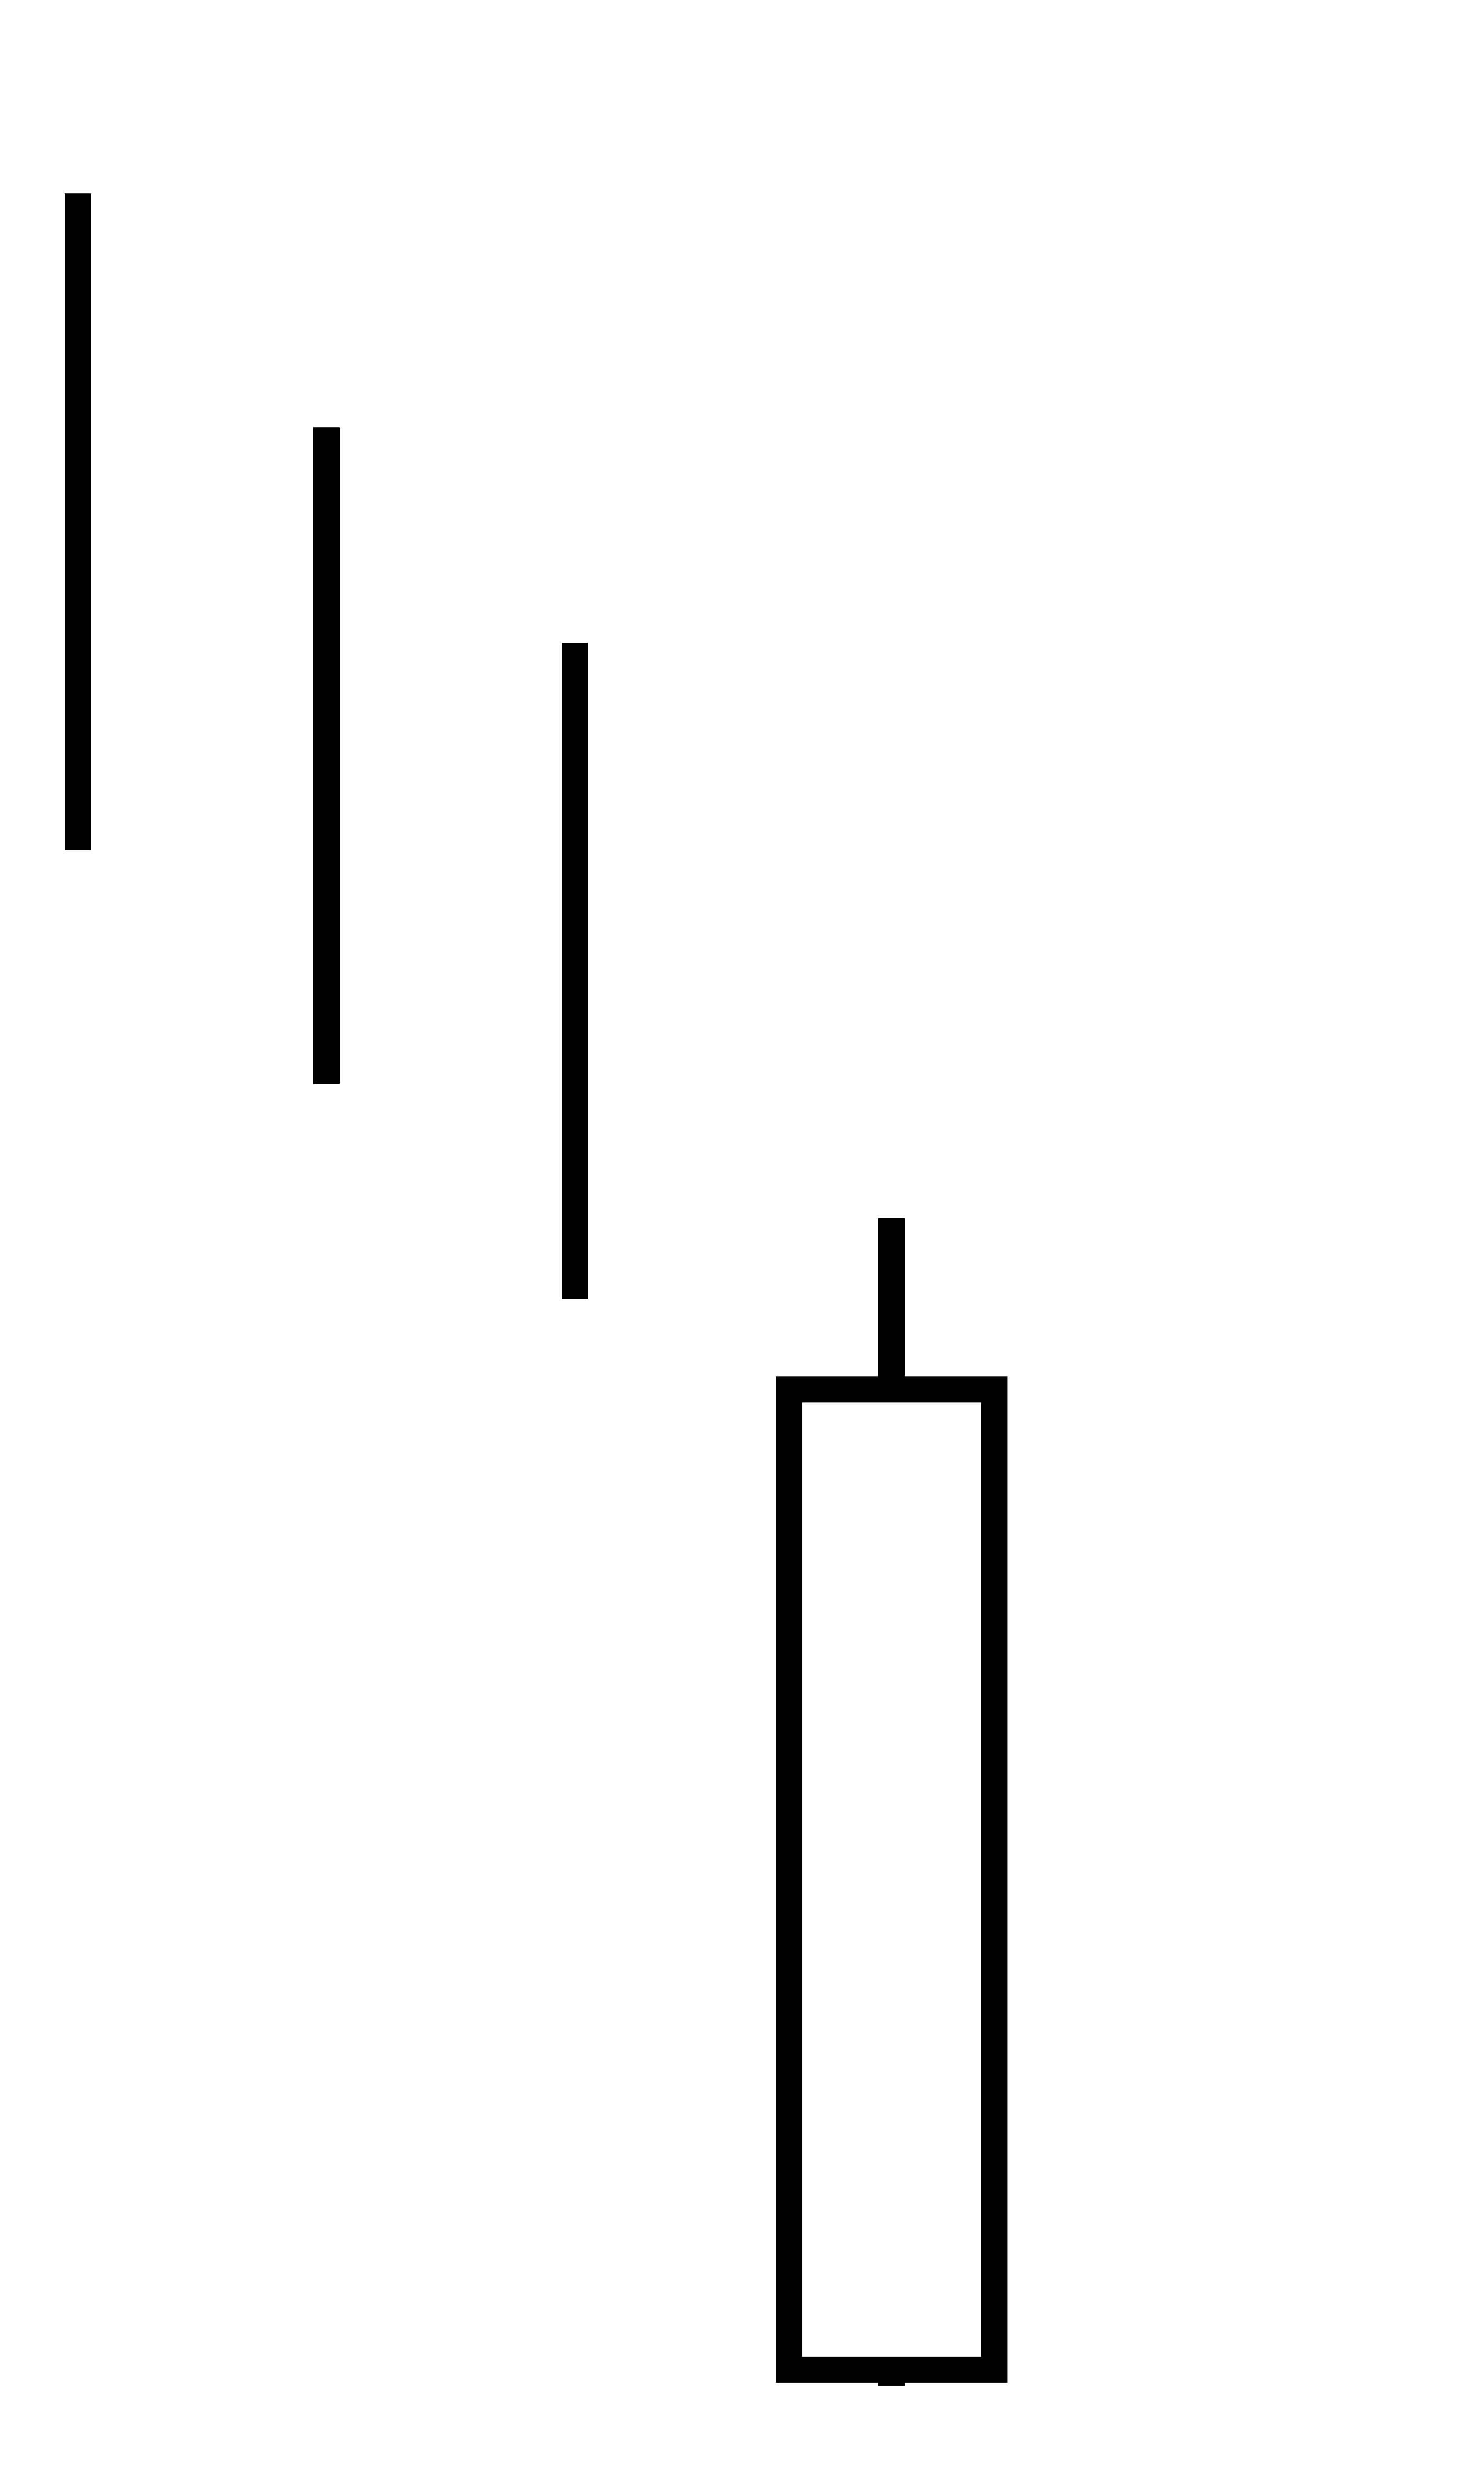 Candlestick Charts Live: Candlestick pattern bullish belt hold.jpg - Wikimedia Commons,Chart